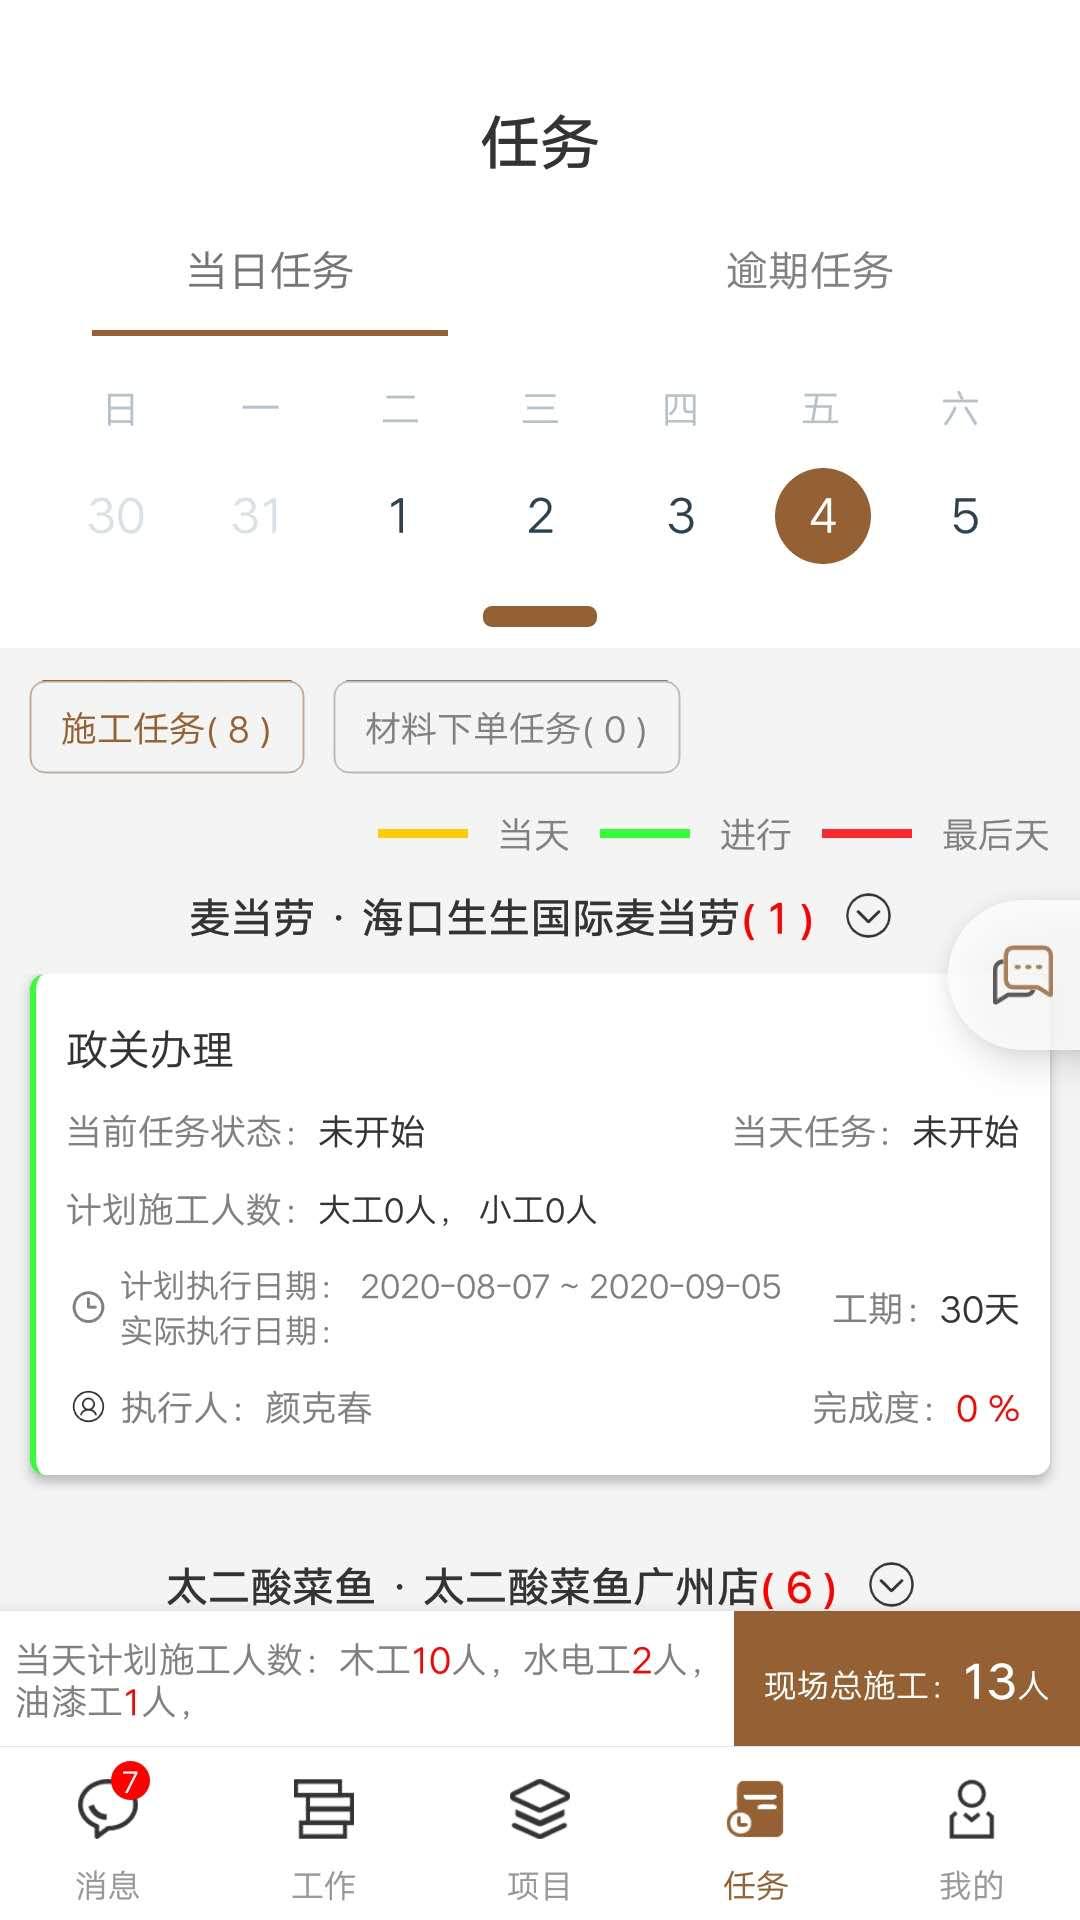 墨斗工程管理 V3.5 安卓版截图2